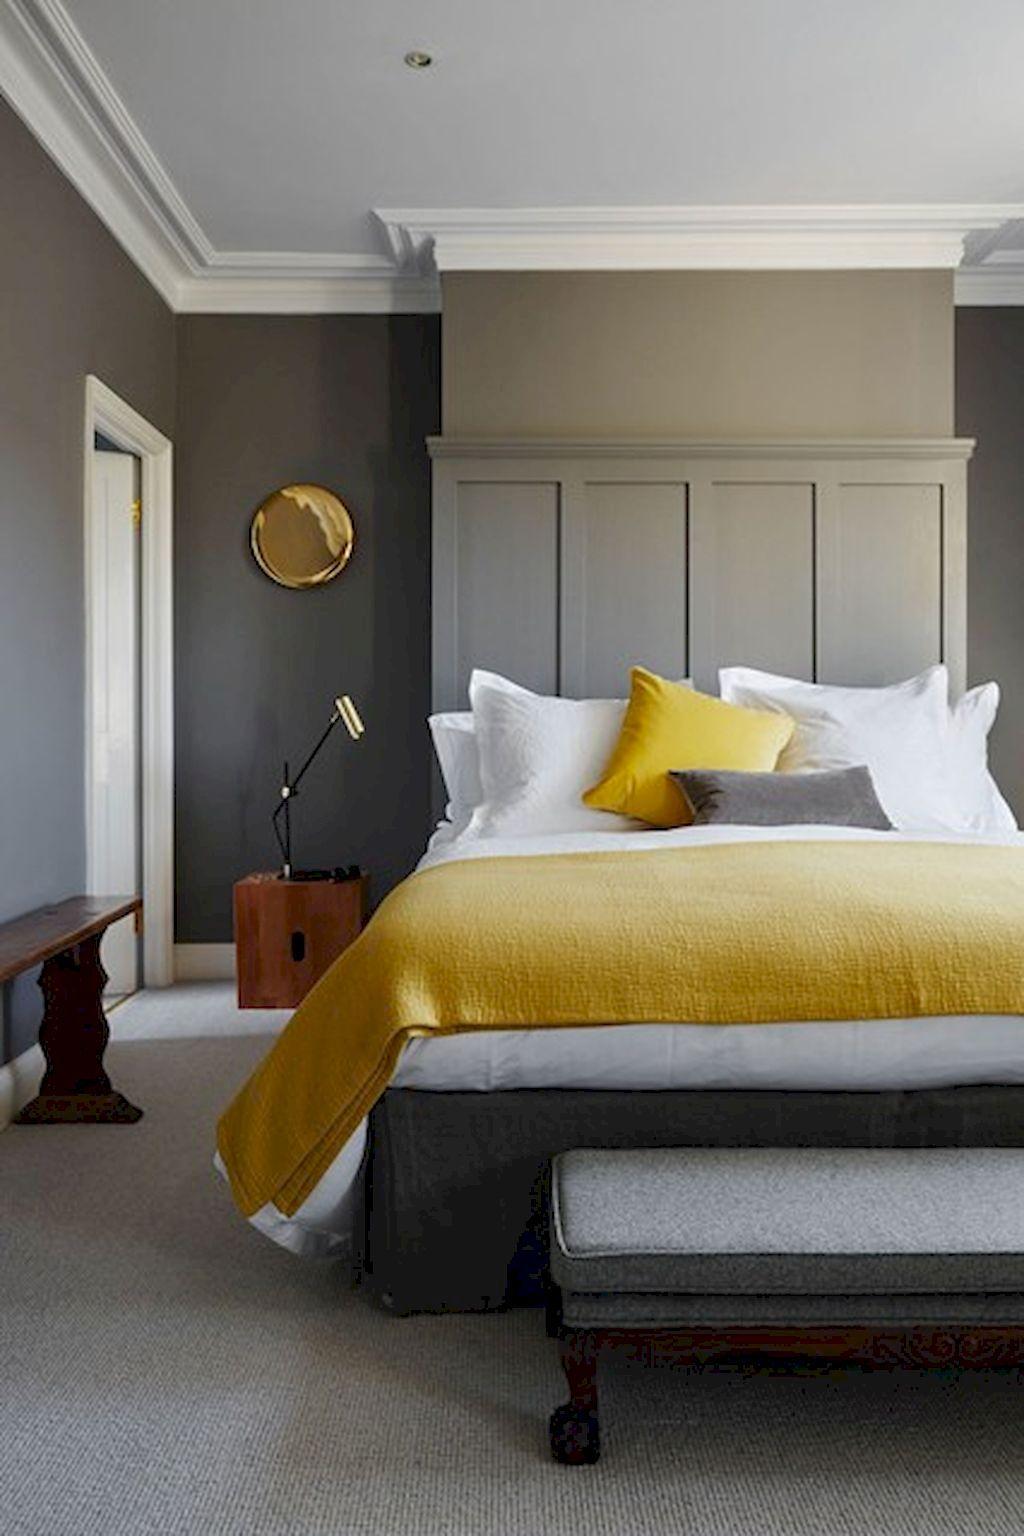 85 Stunning Small Master Bedroom Ideas 85